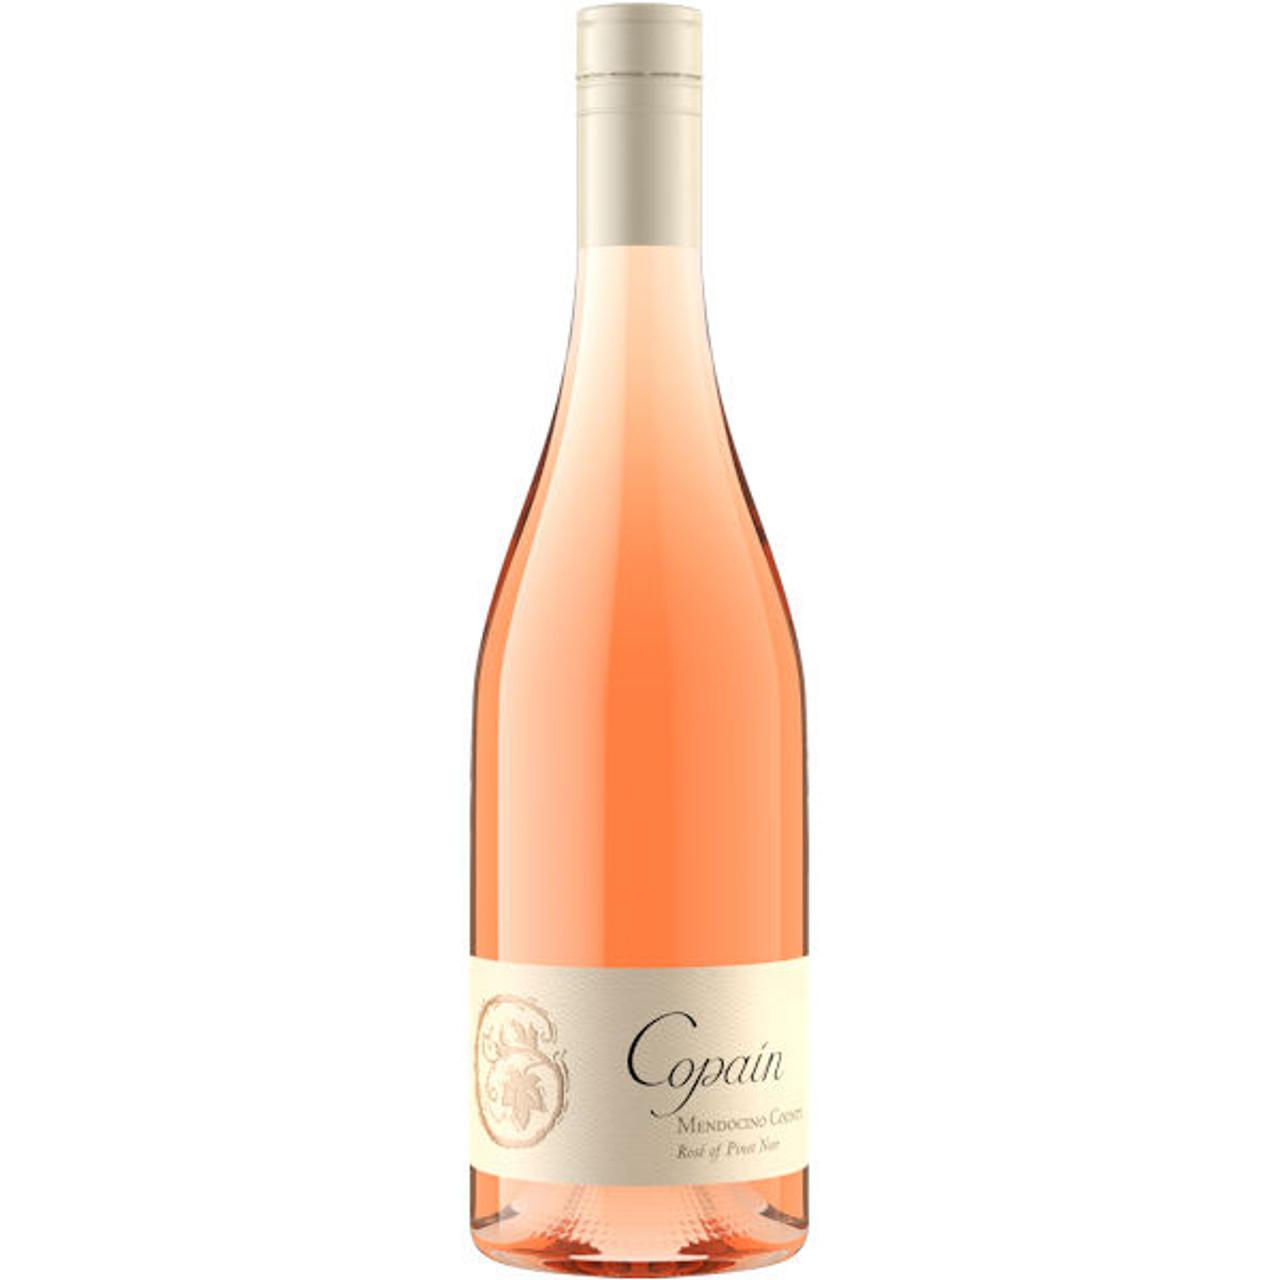 Copain Tous Ensemble North Coast Rose of Pinot Noir;Rosé Wine/Domestic Rosé